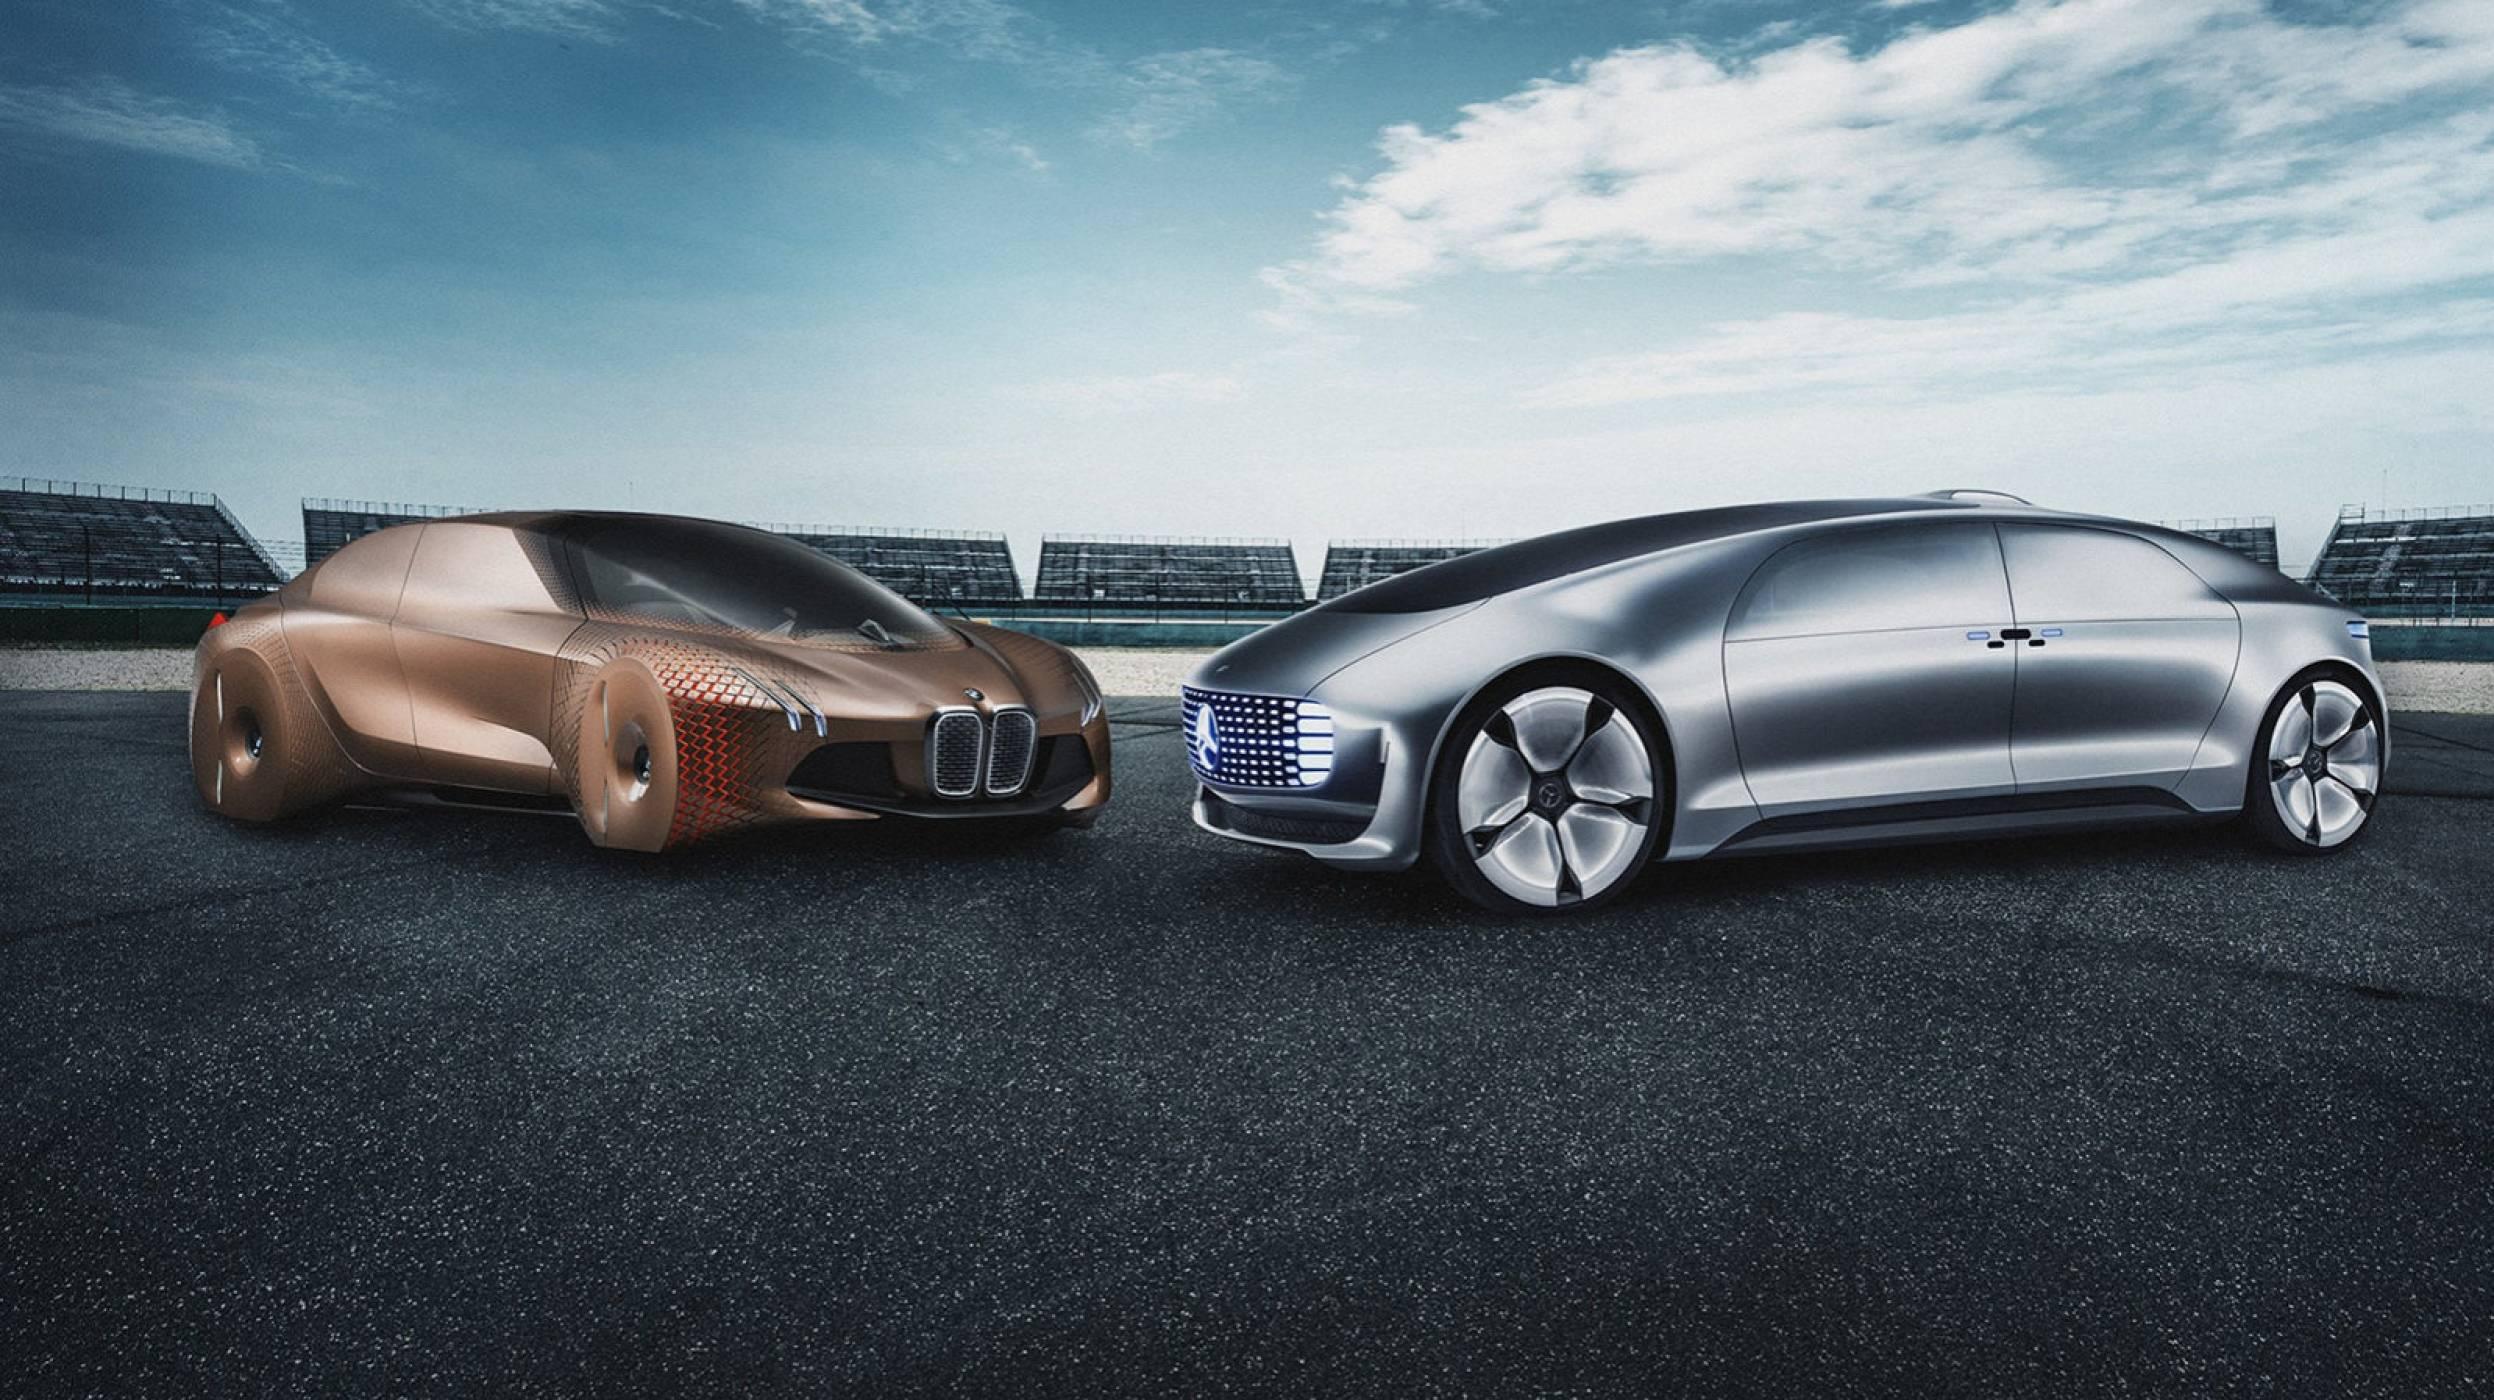 Колите на Mercedes и BMW ще се движат сами по аутобана от 2024 г.